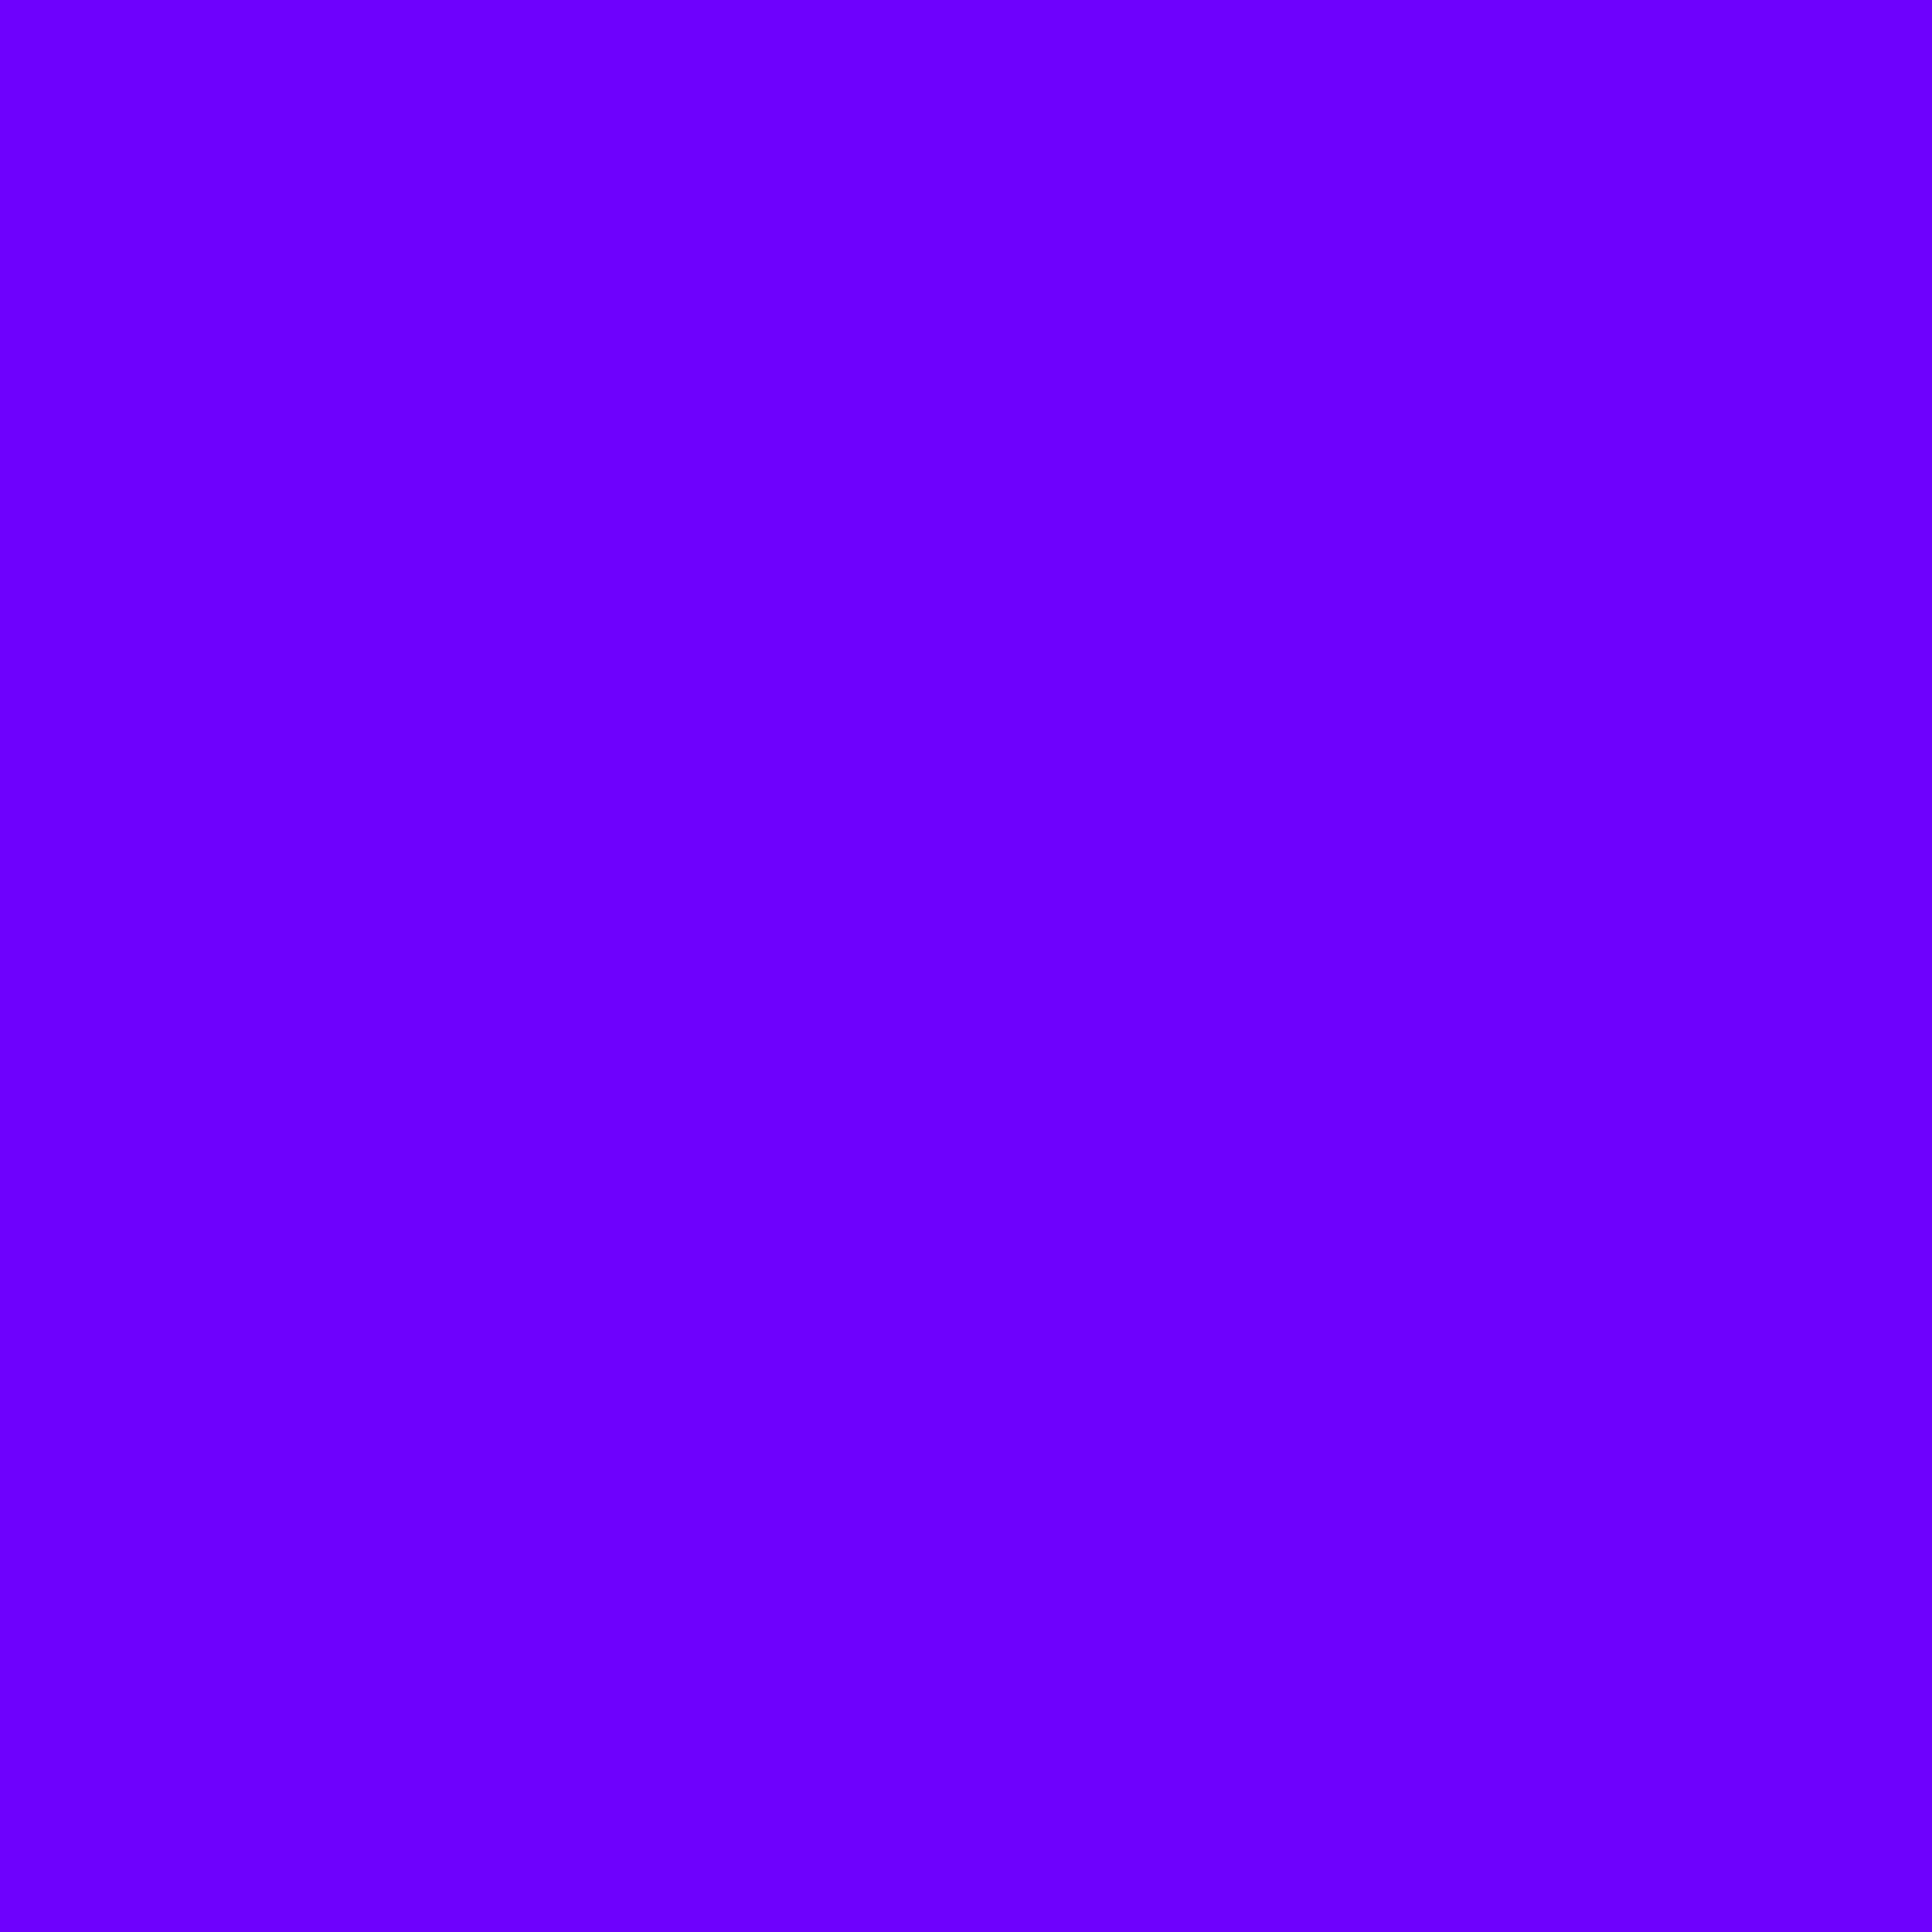 3600x3600 Indigo Solid Color Background